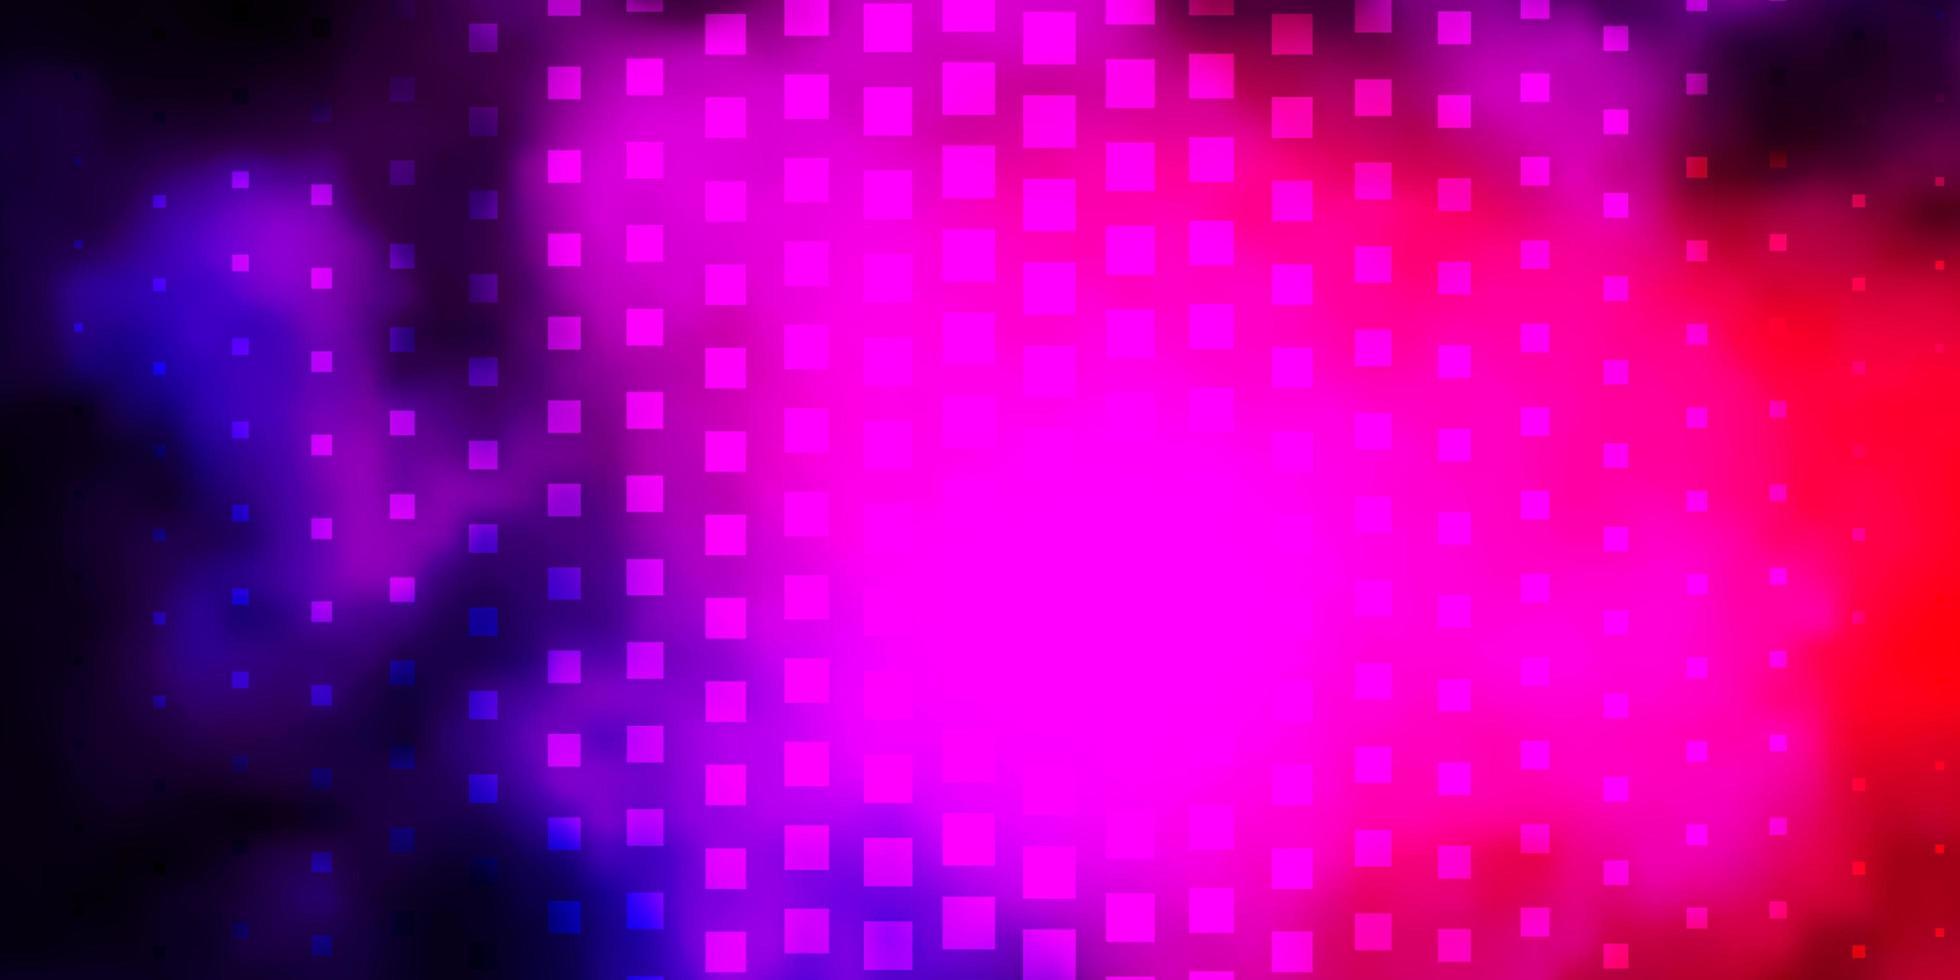 donkerroze, blauwe vectortextuur in rechthoekige stijl. vector